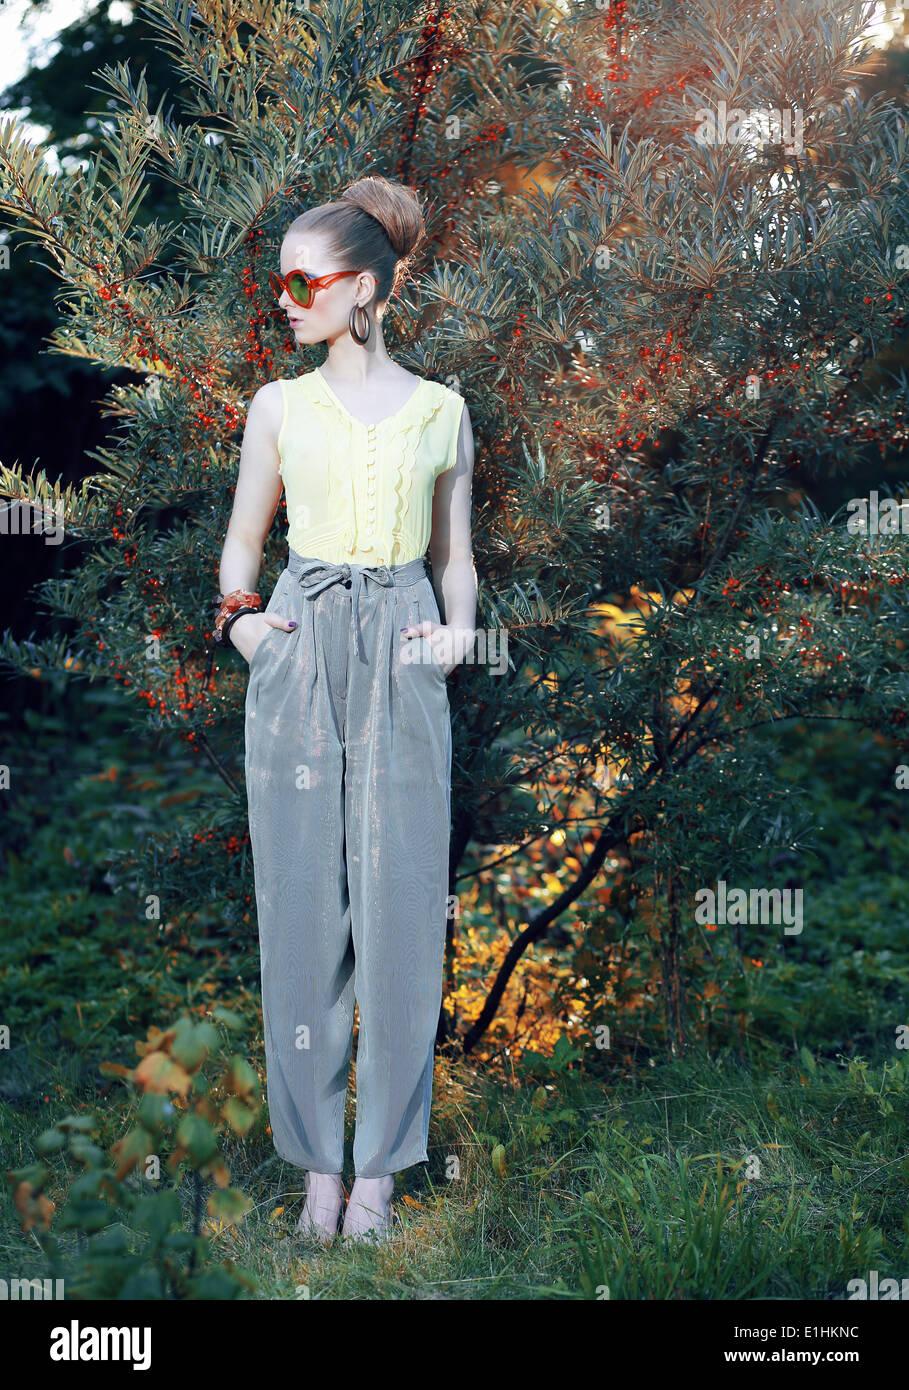 Glamour. Trendige Mode-Modell in elegante Hose im freien Stockbild